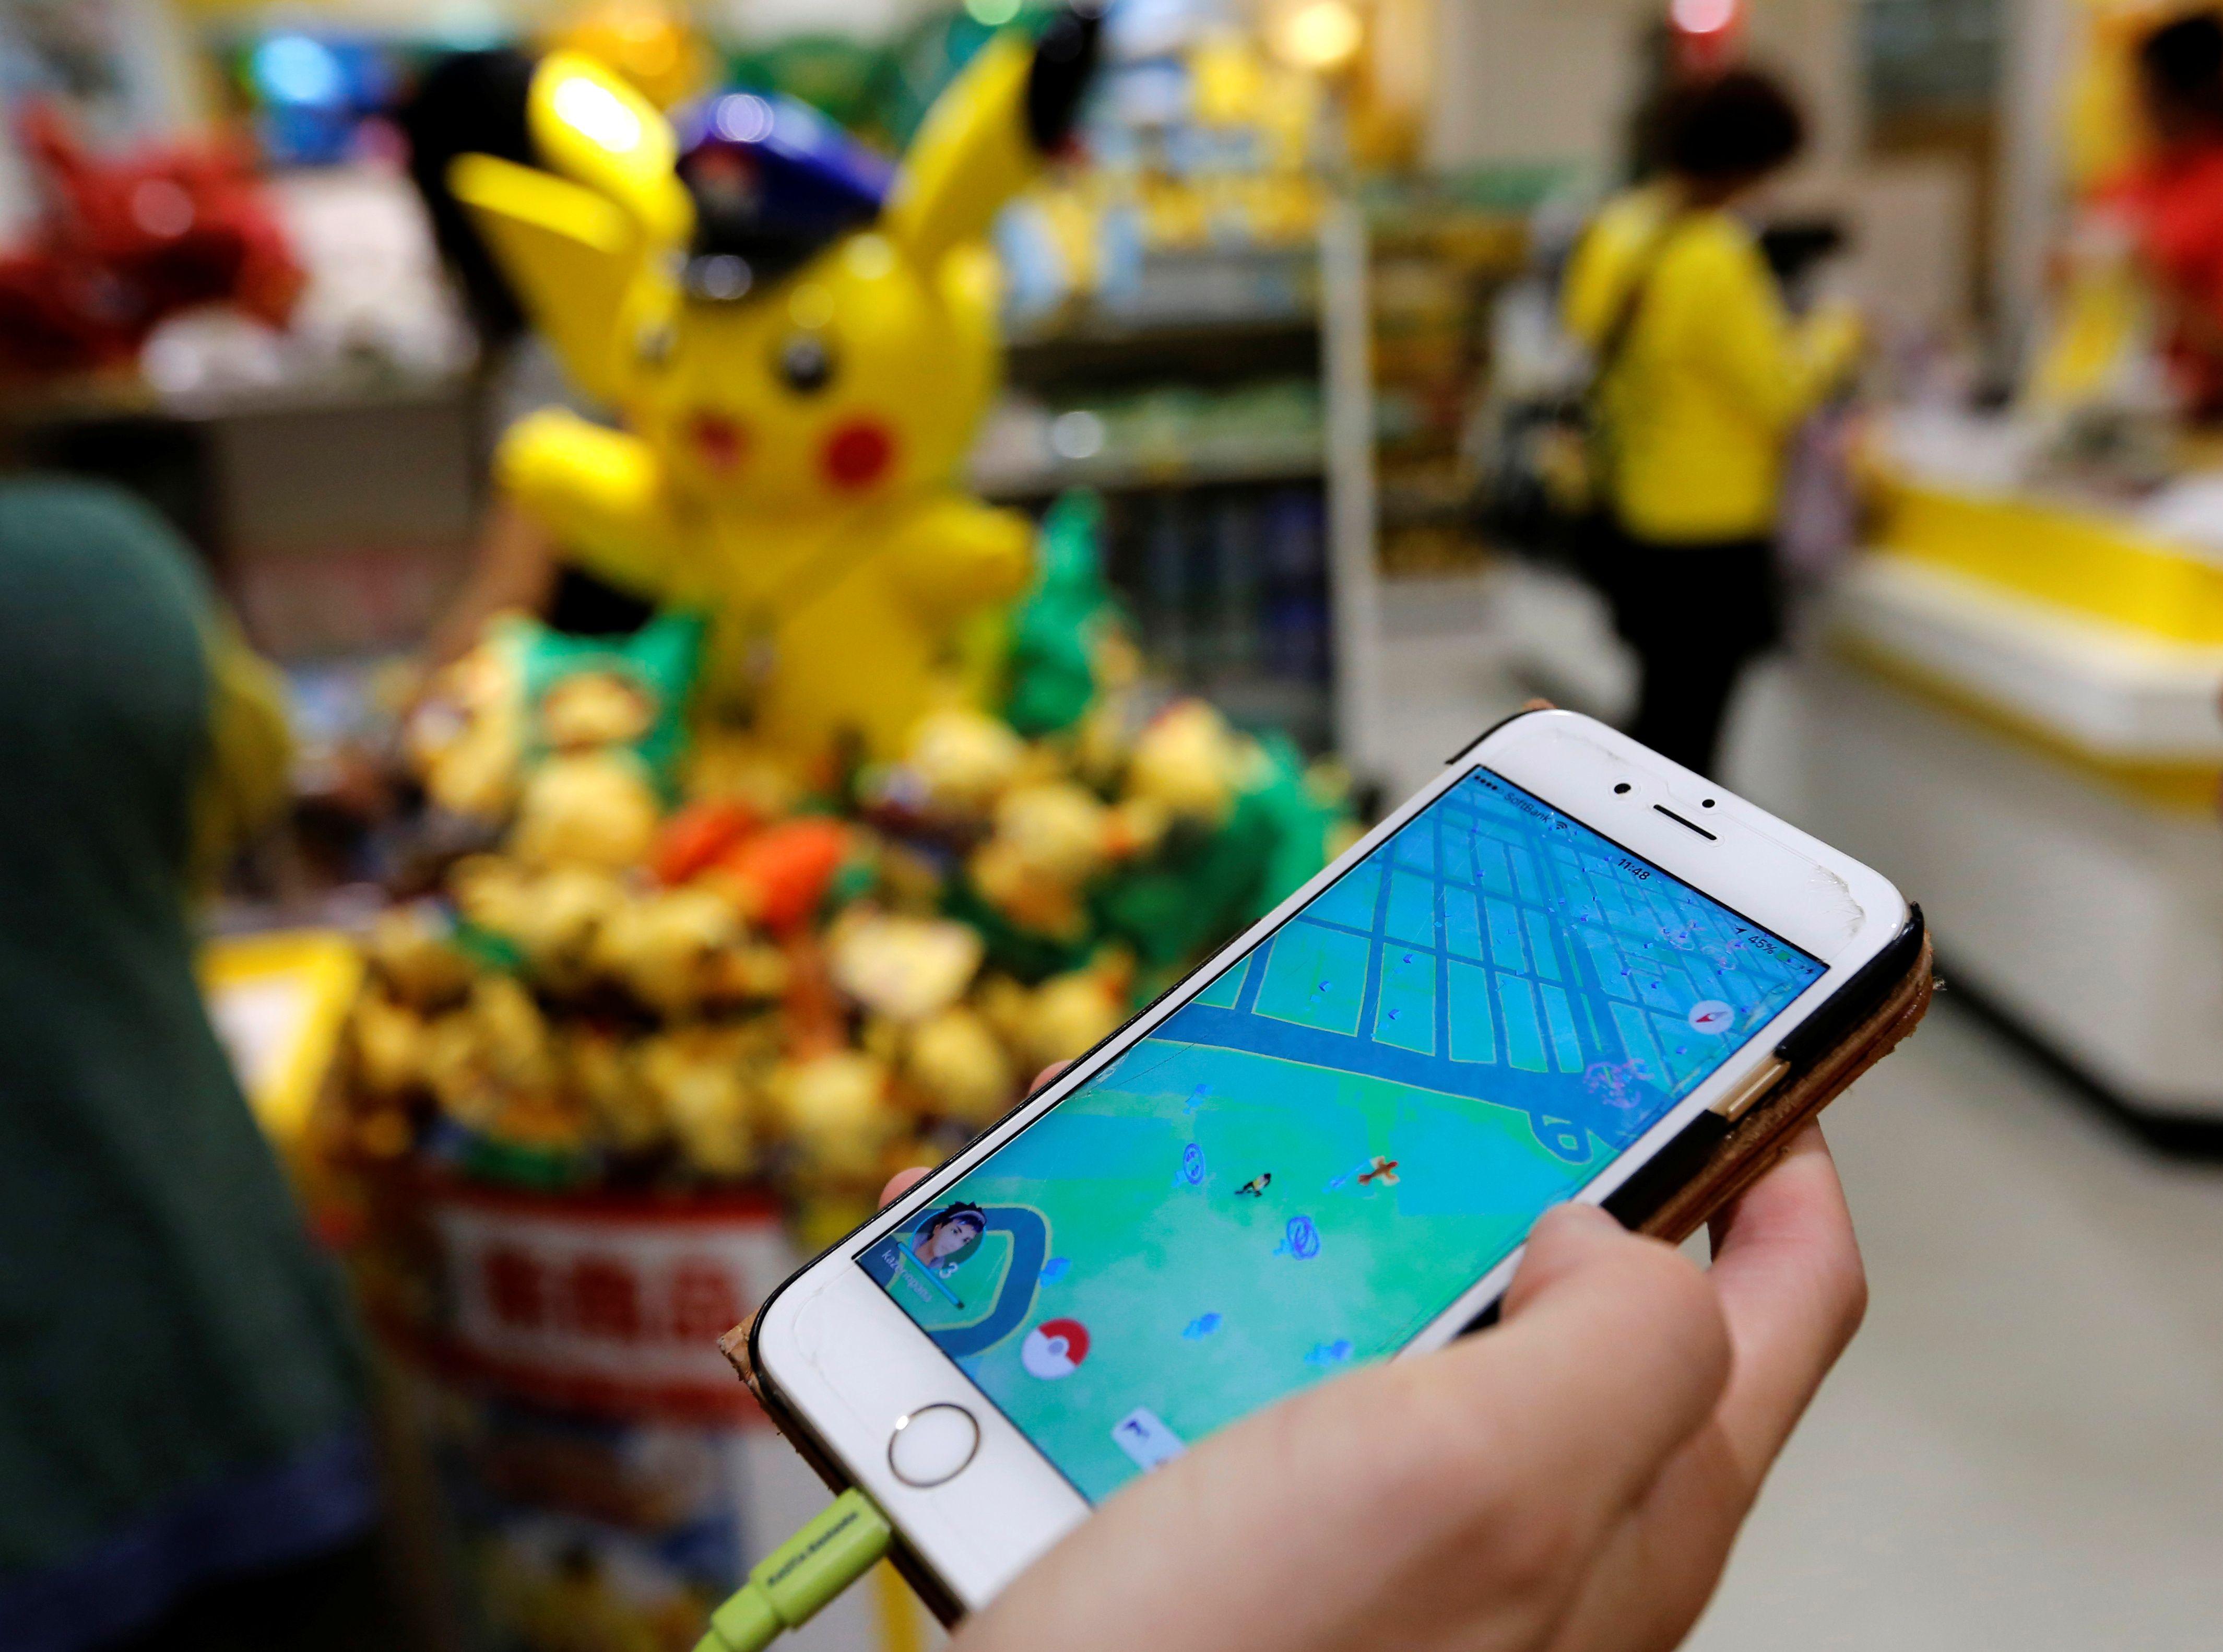 Nauja prekybos strategija: apsipirkimas bus tarsi vaizdo žaidimas